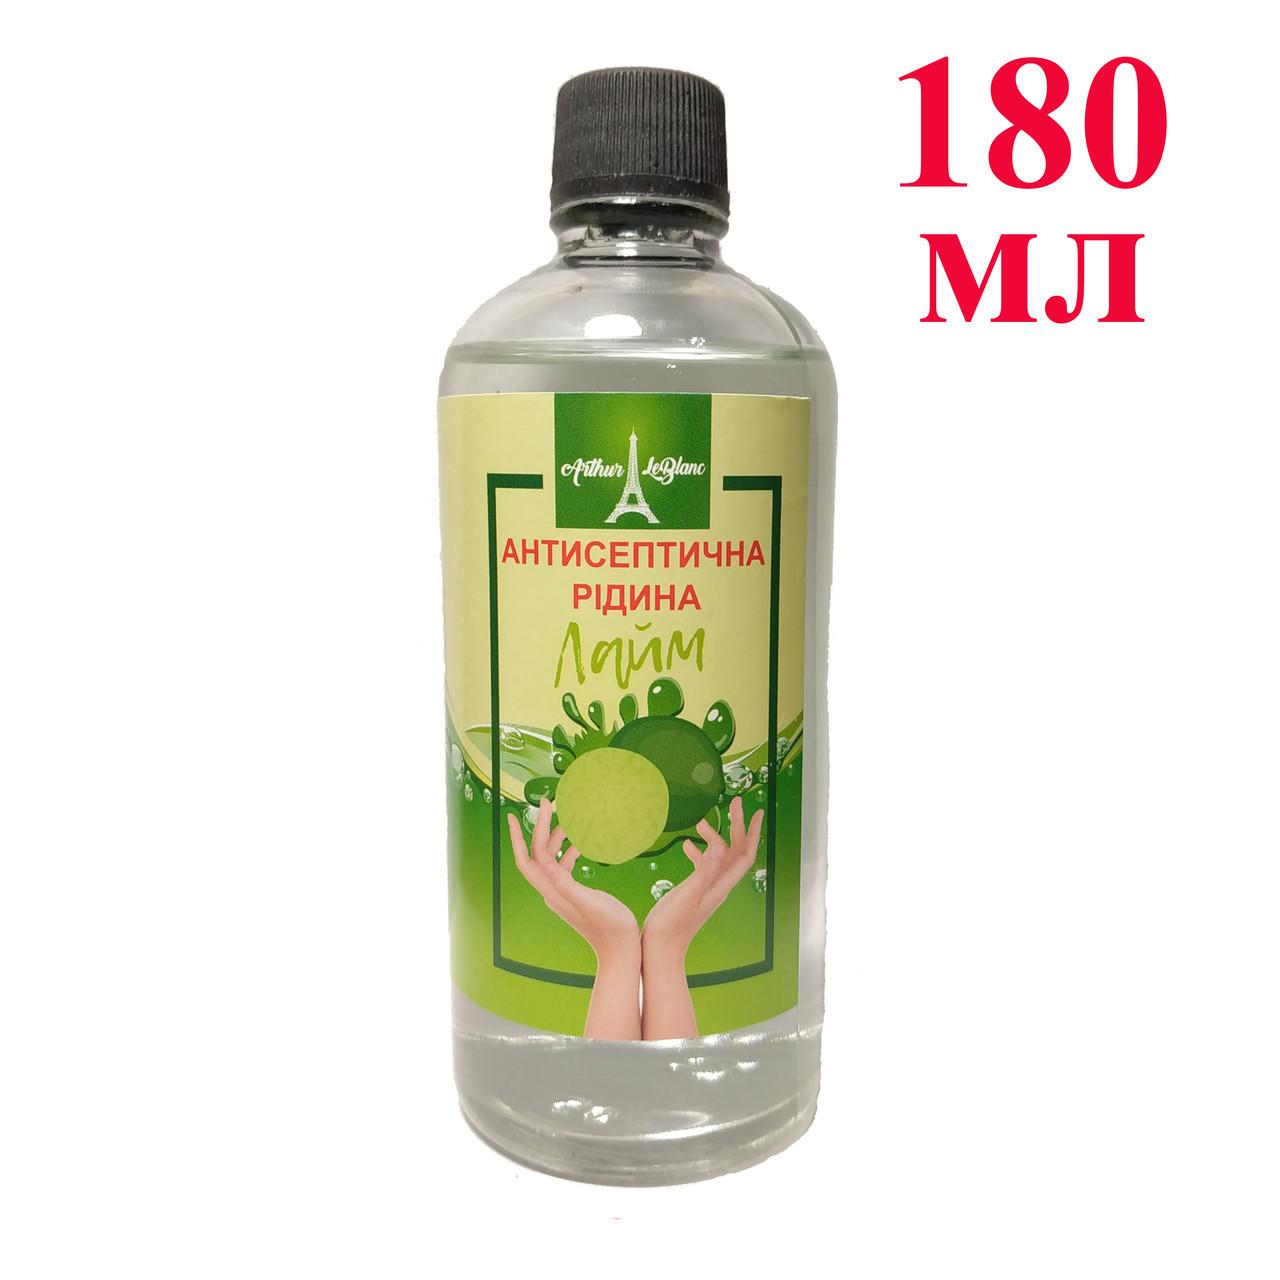 Антисептическая жидкость для рук Eva Cosmetics Arthur LeBlanc Лайм 180 мл (123180100203)